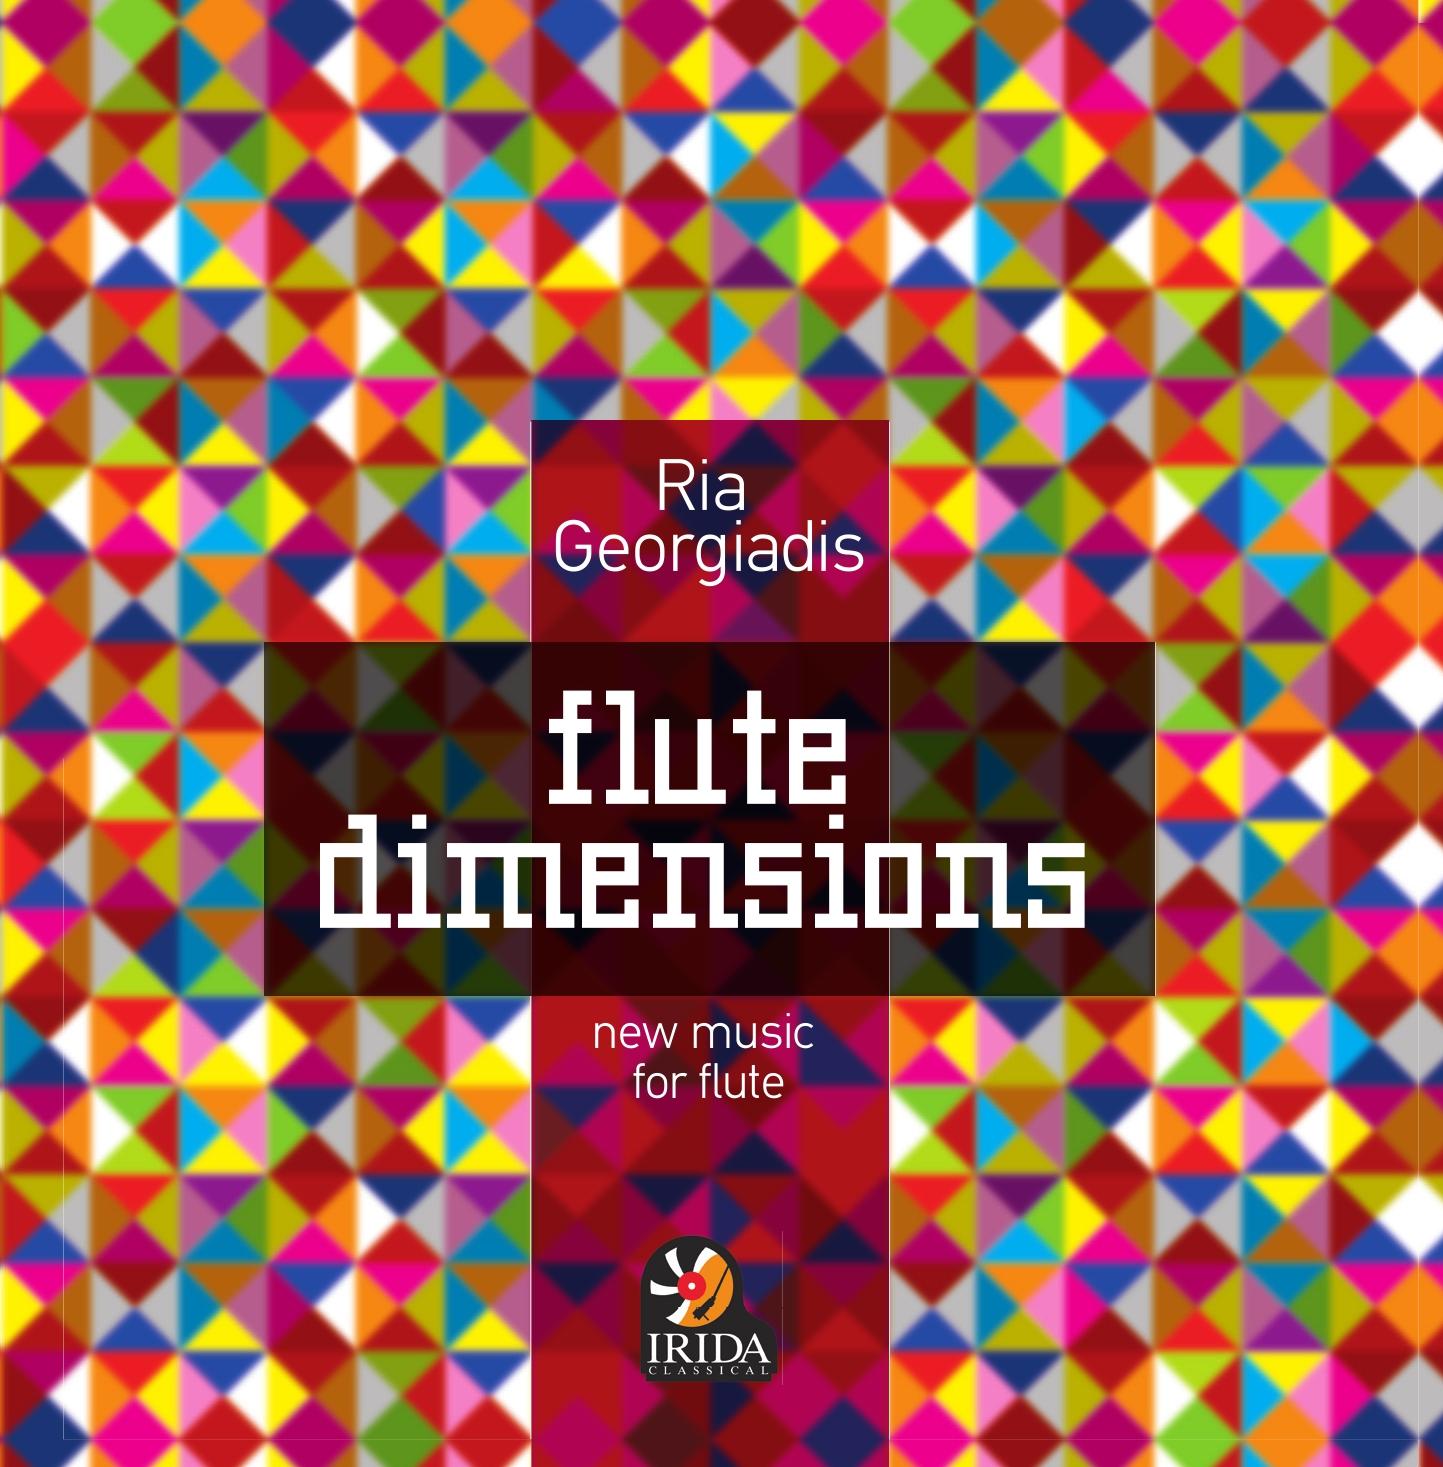 Ria Georgiadis - Flute Dimensions